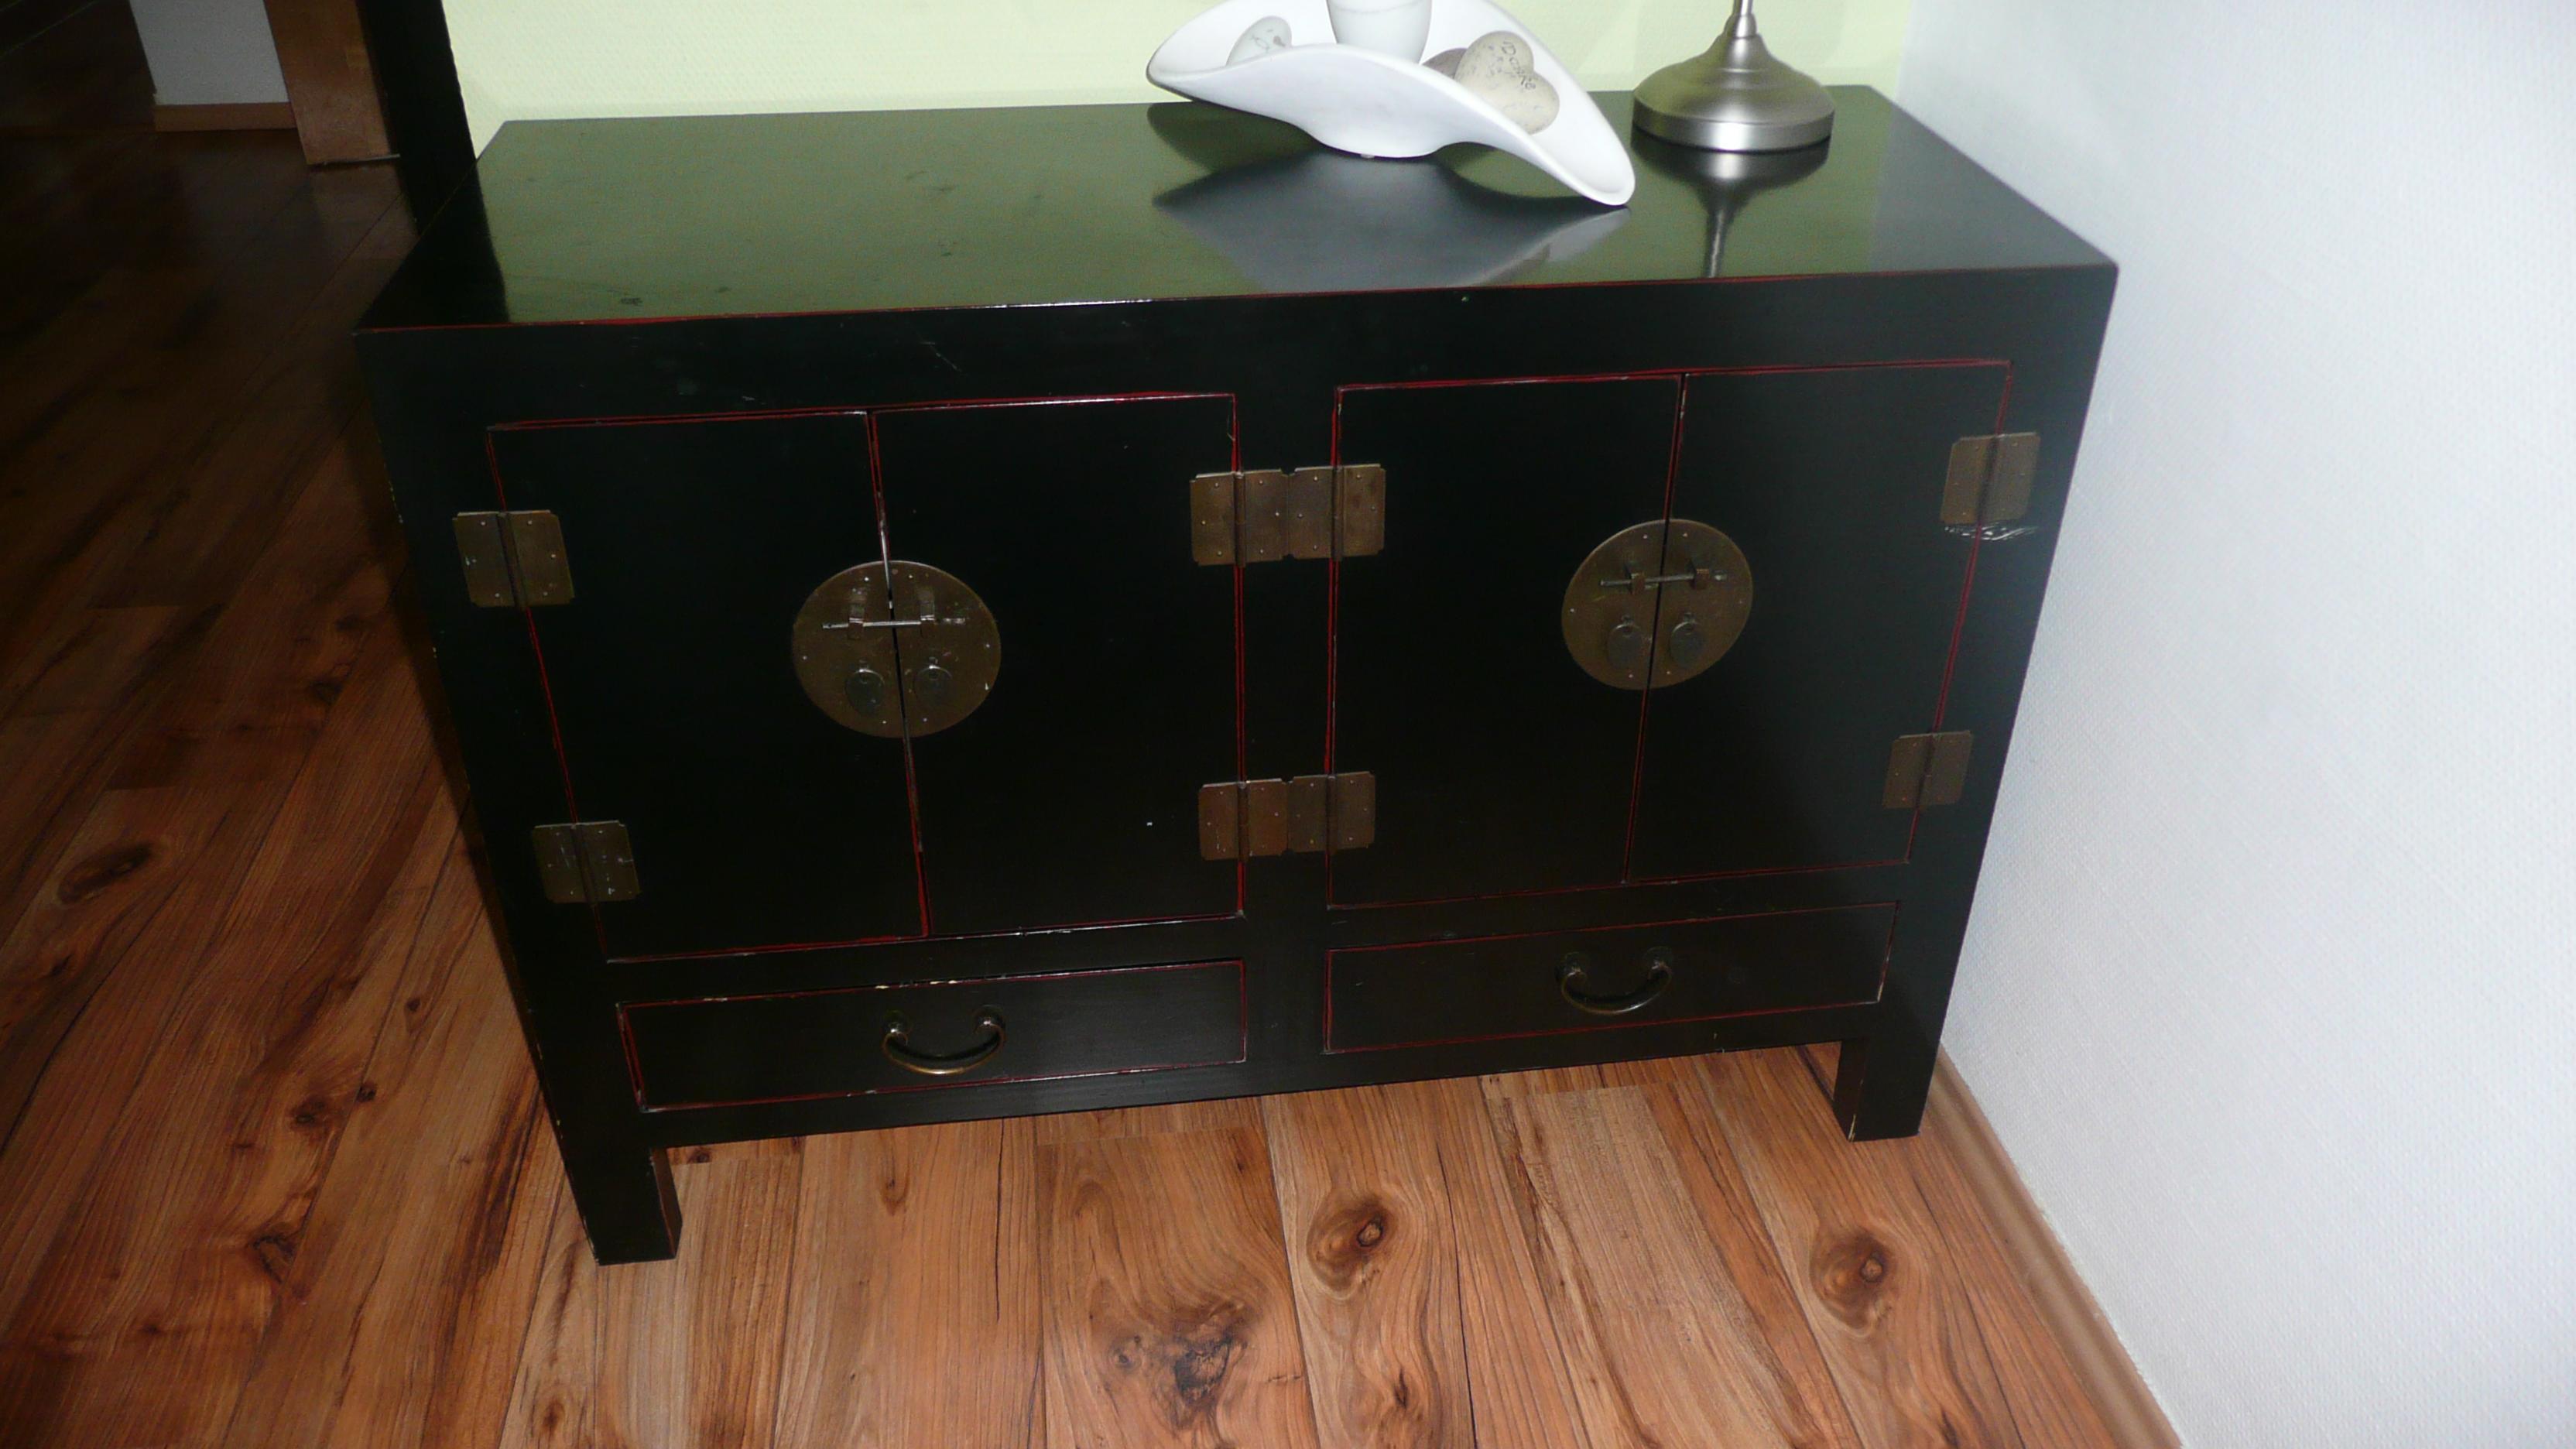 brauche hilfe bei falscher rechnung internet kabe vodafone community. Black Bedroom Furniture Sets. Home Design Ideas